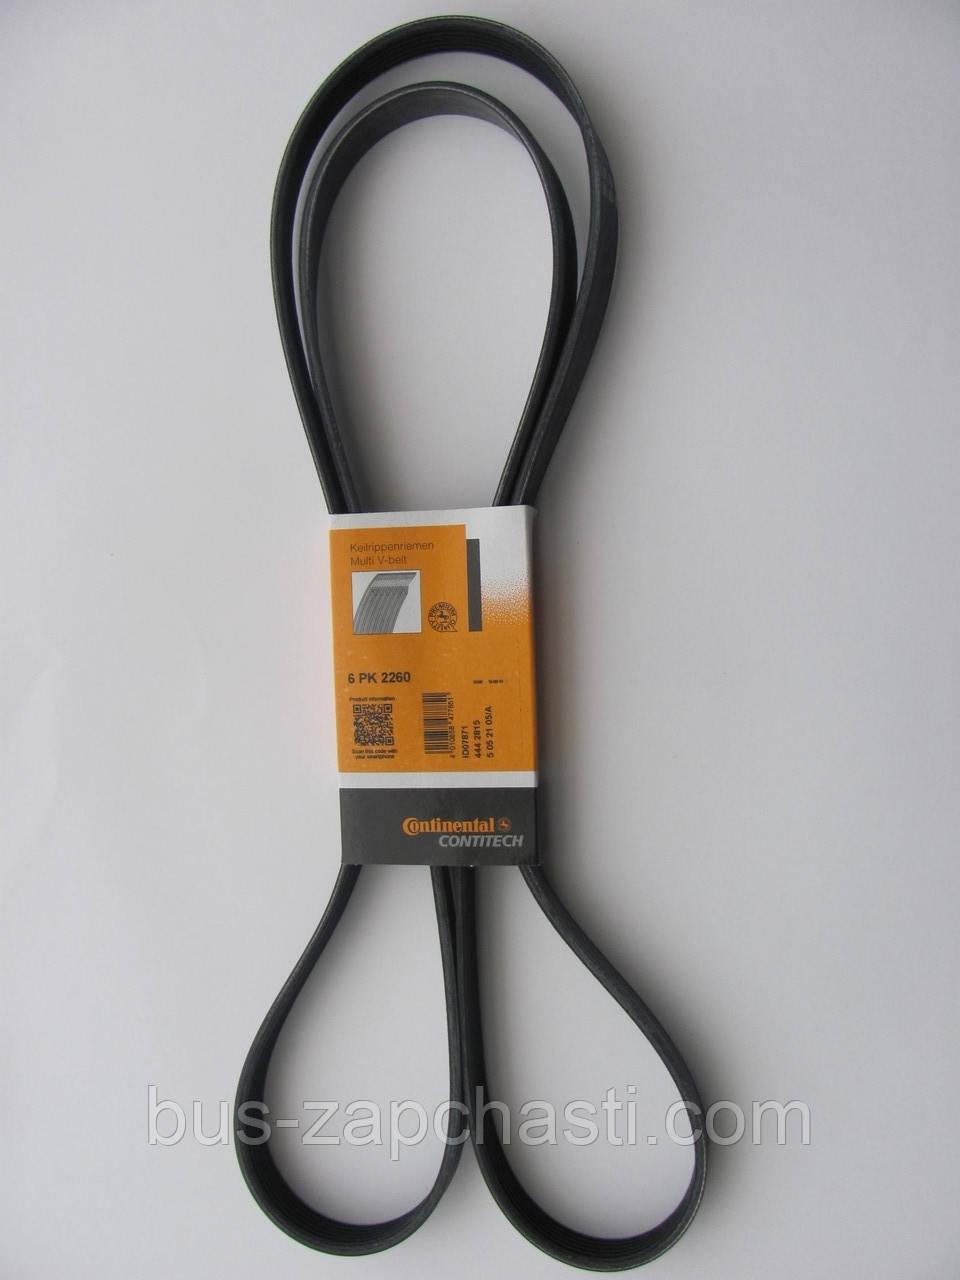 Ремень ручейковый на MB Sprinter  906 2006→, Vito 639 2.2 CDI 2003→ — Contitech (Германия) — 6PK2260